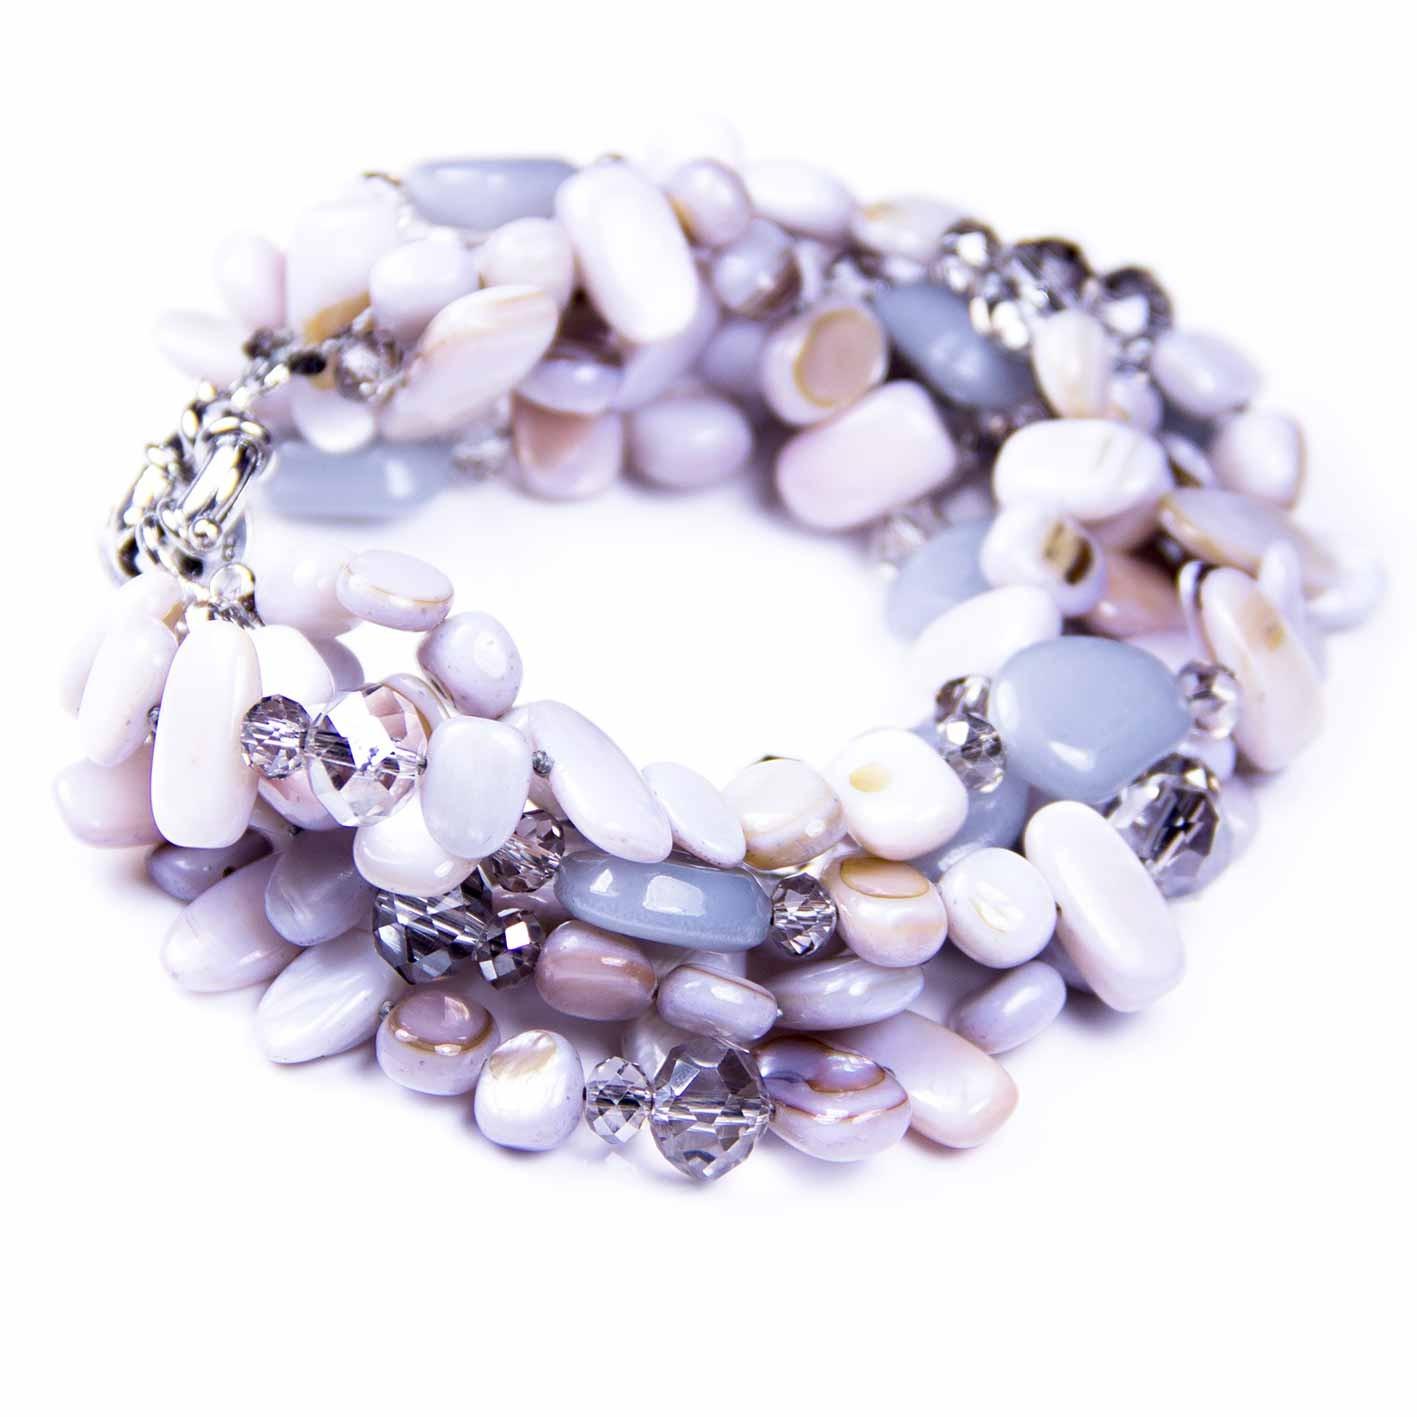 Swarovski Crystal 6 Stranded Light Grey Shell Crystals